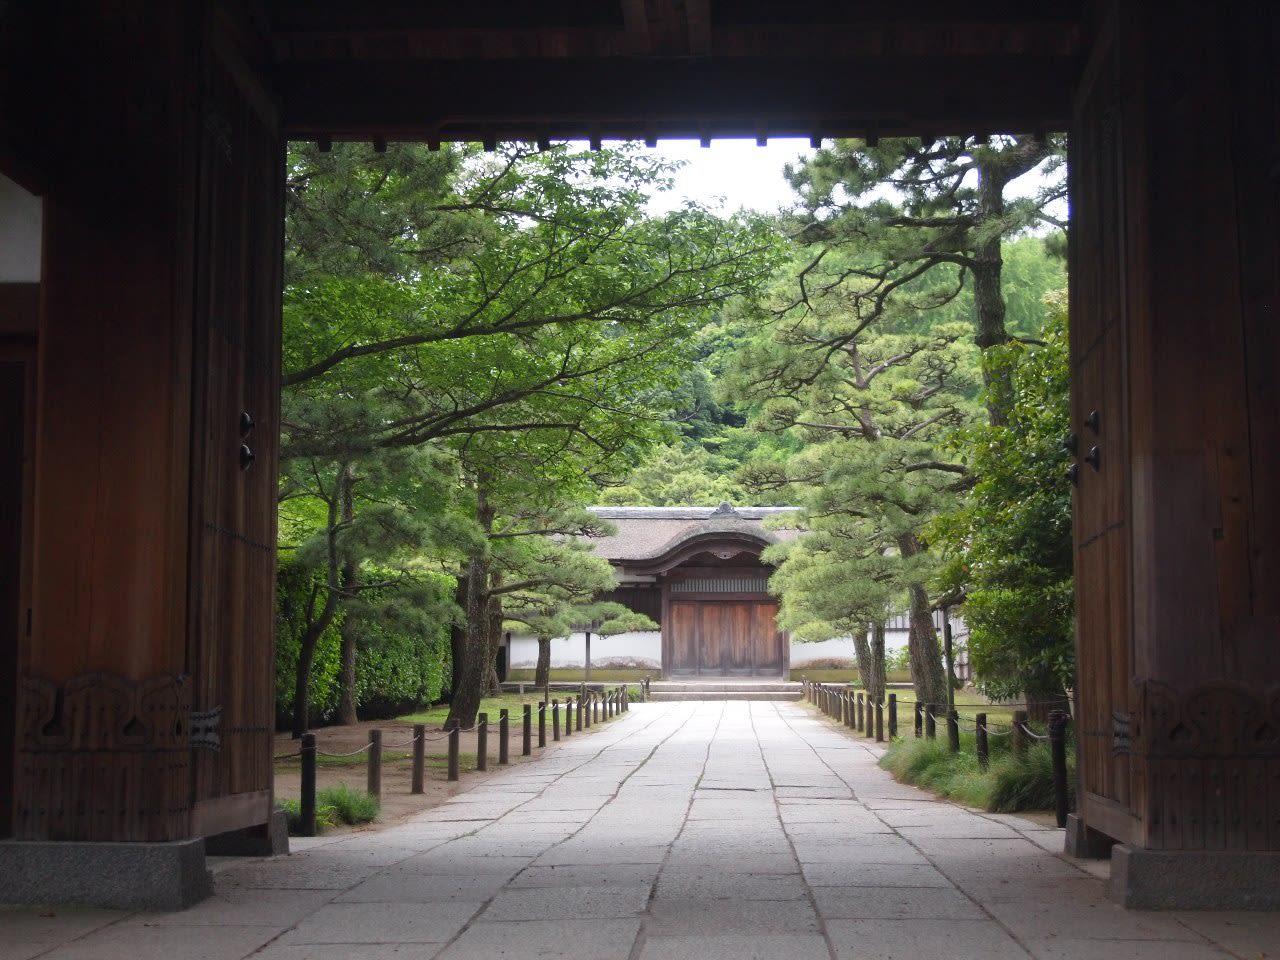 Sankeien Garden and Culture Tour in Yokohama